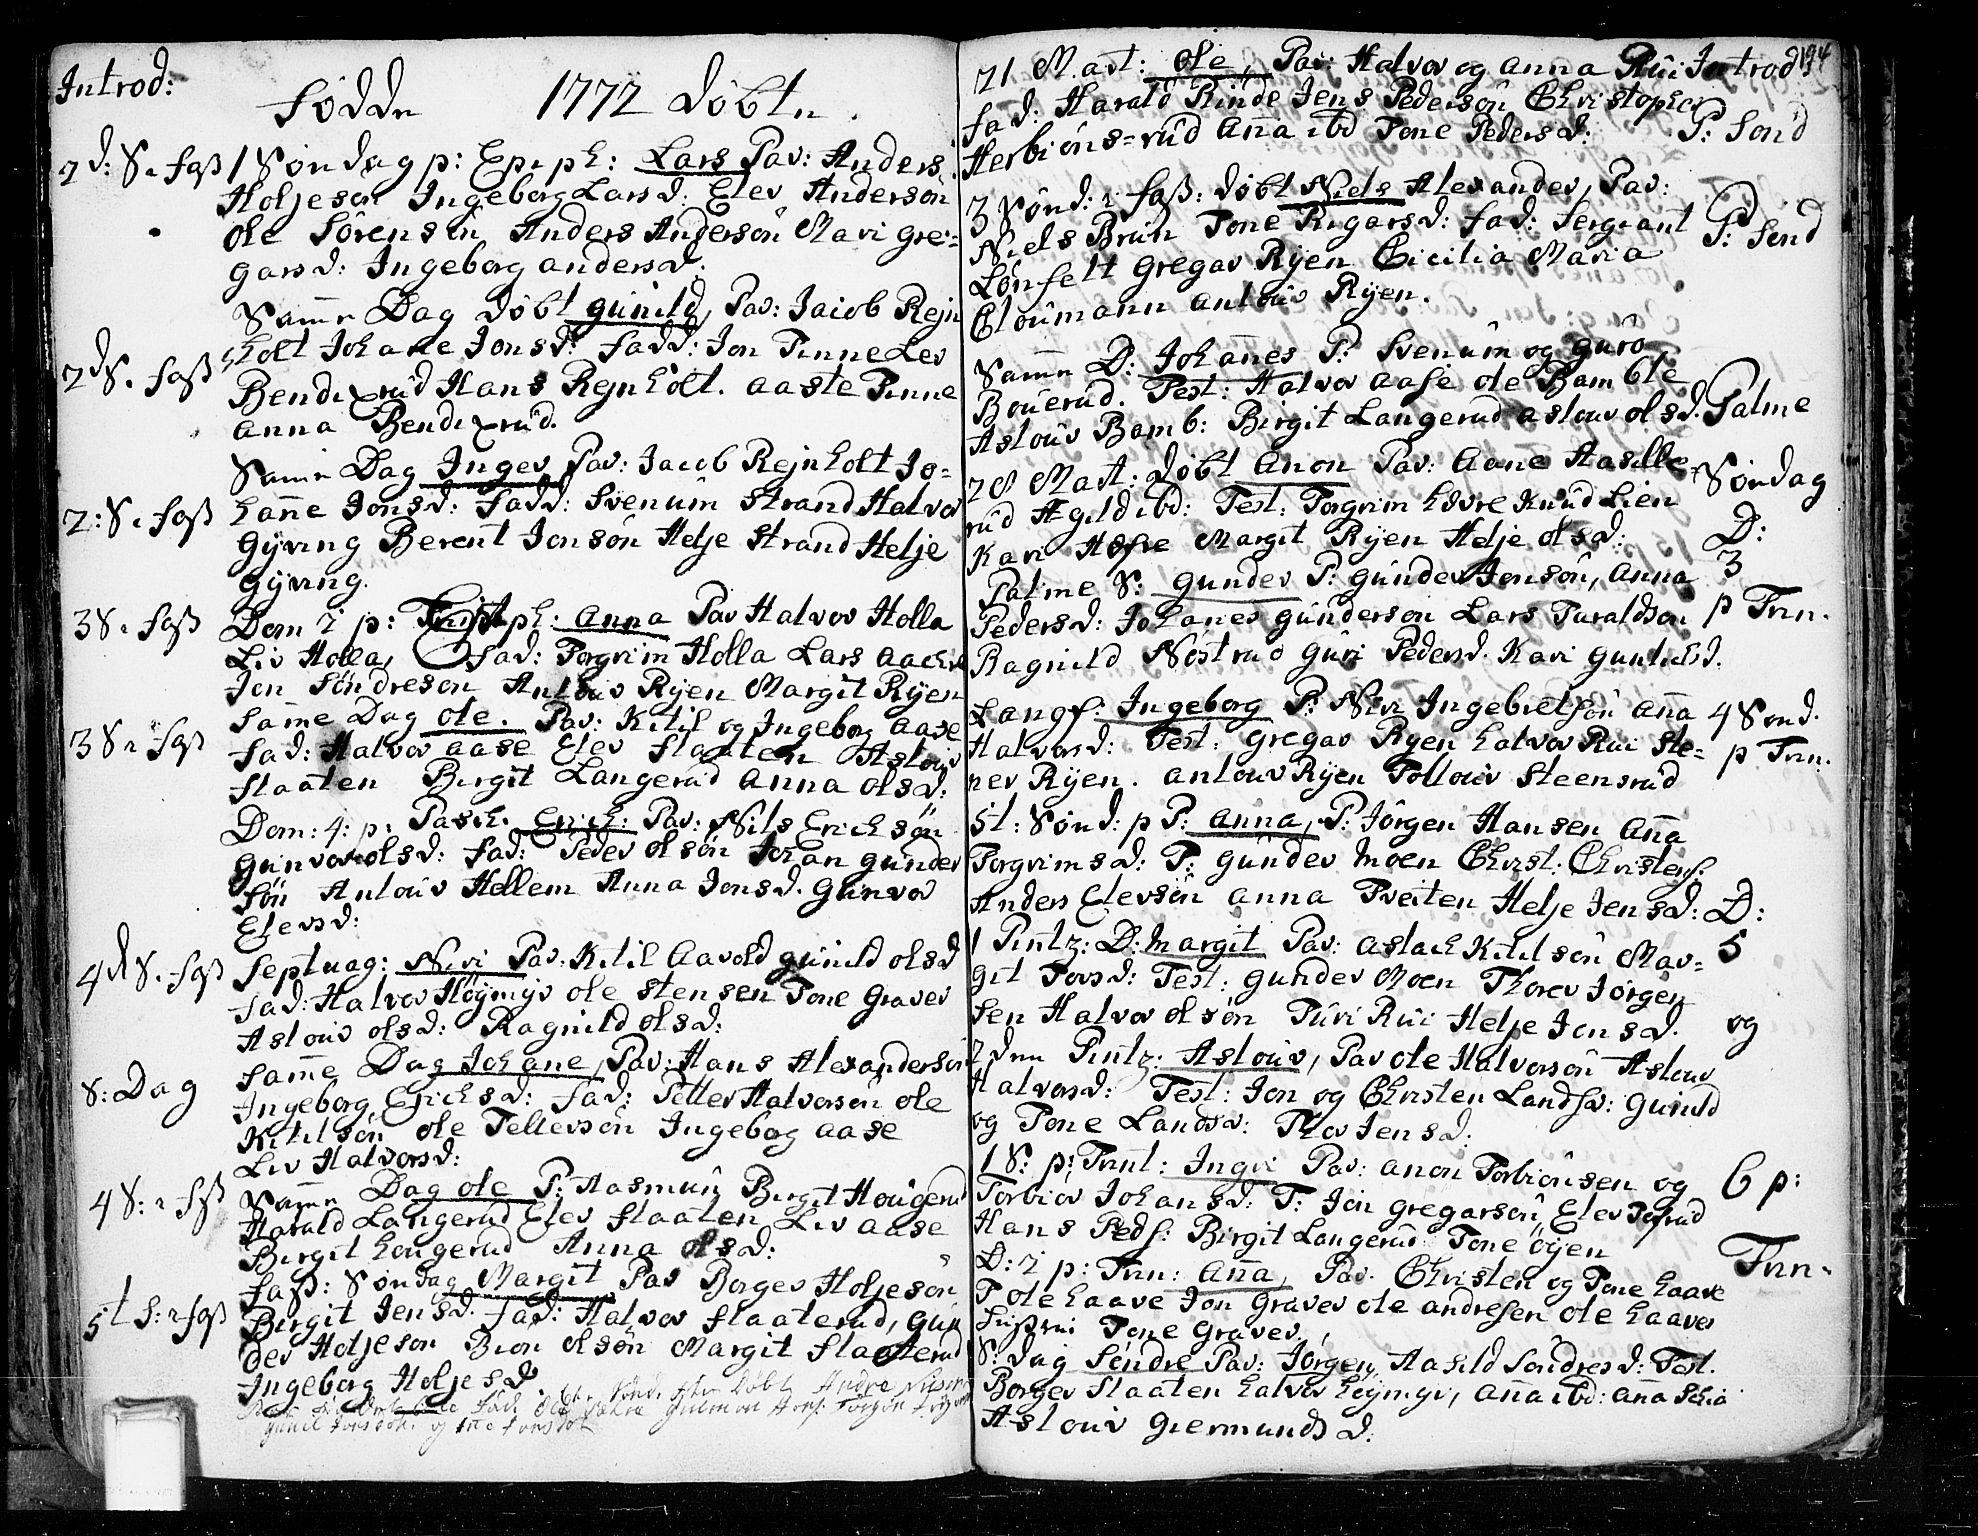 SAKO, Heddal kirkebøker, F/Fa/L0003: Ministerialbok nr. I 3, 1723-1783, s. 194